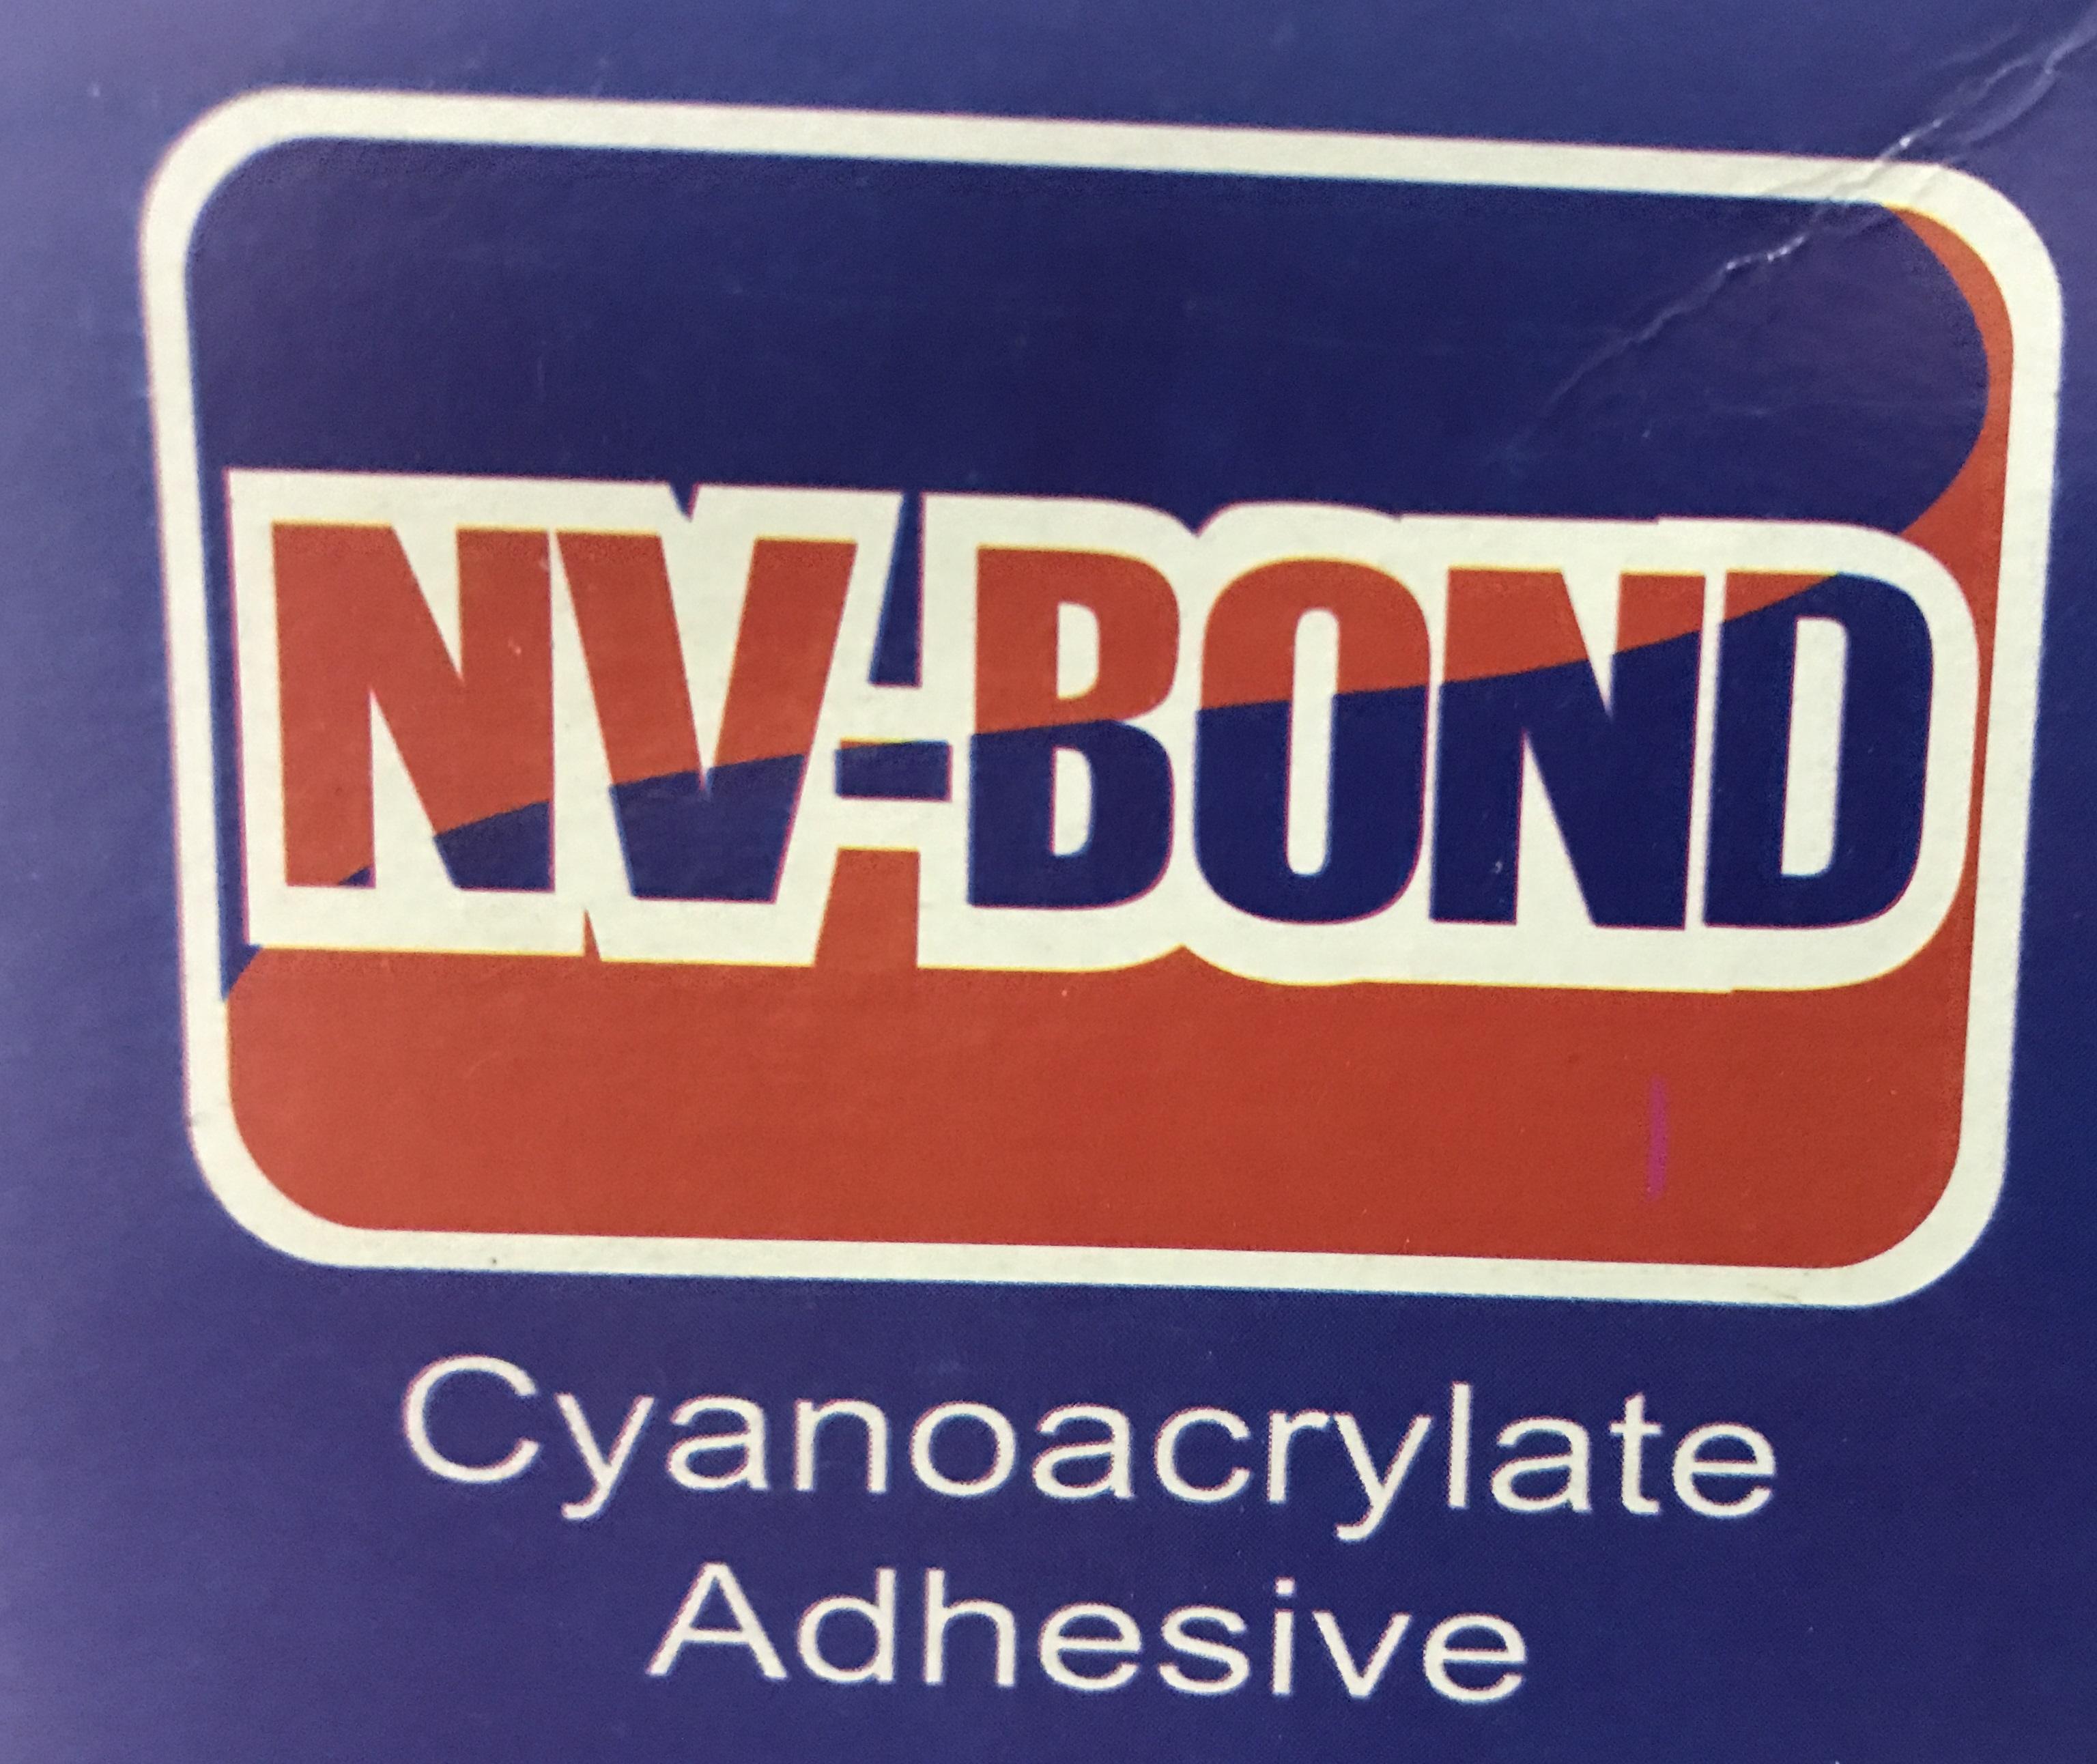 NV-BOND